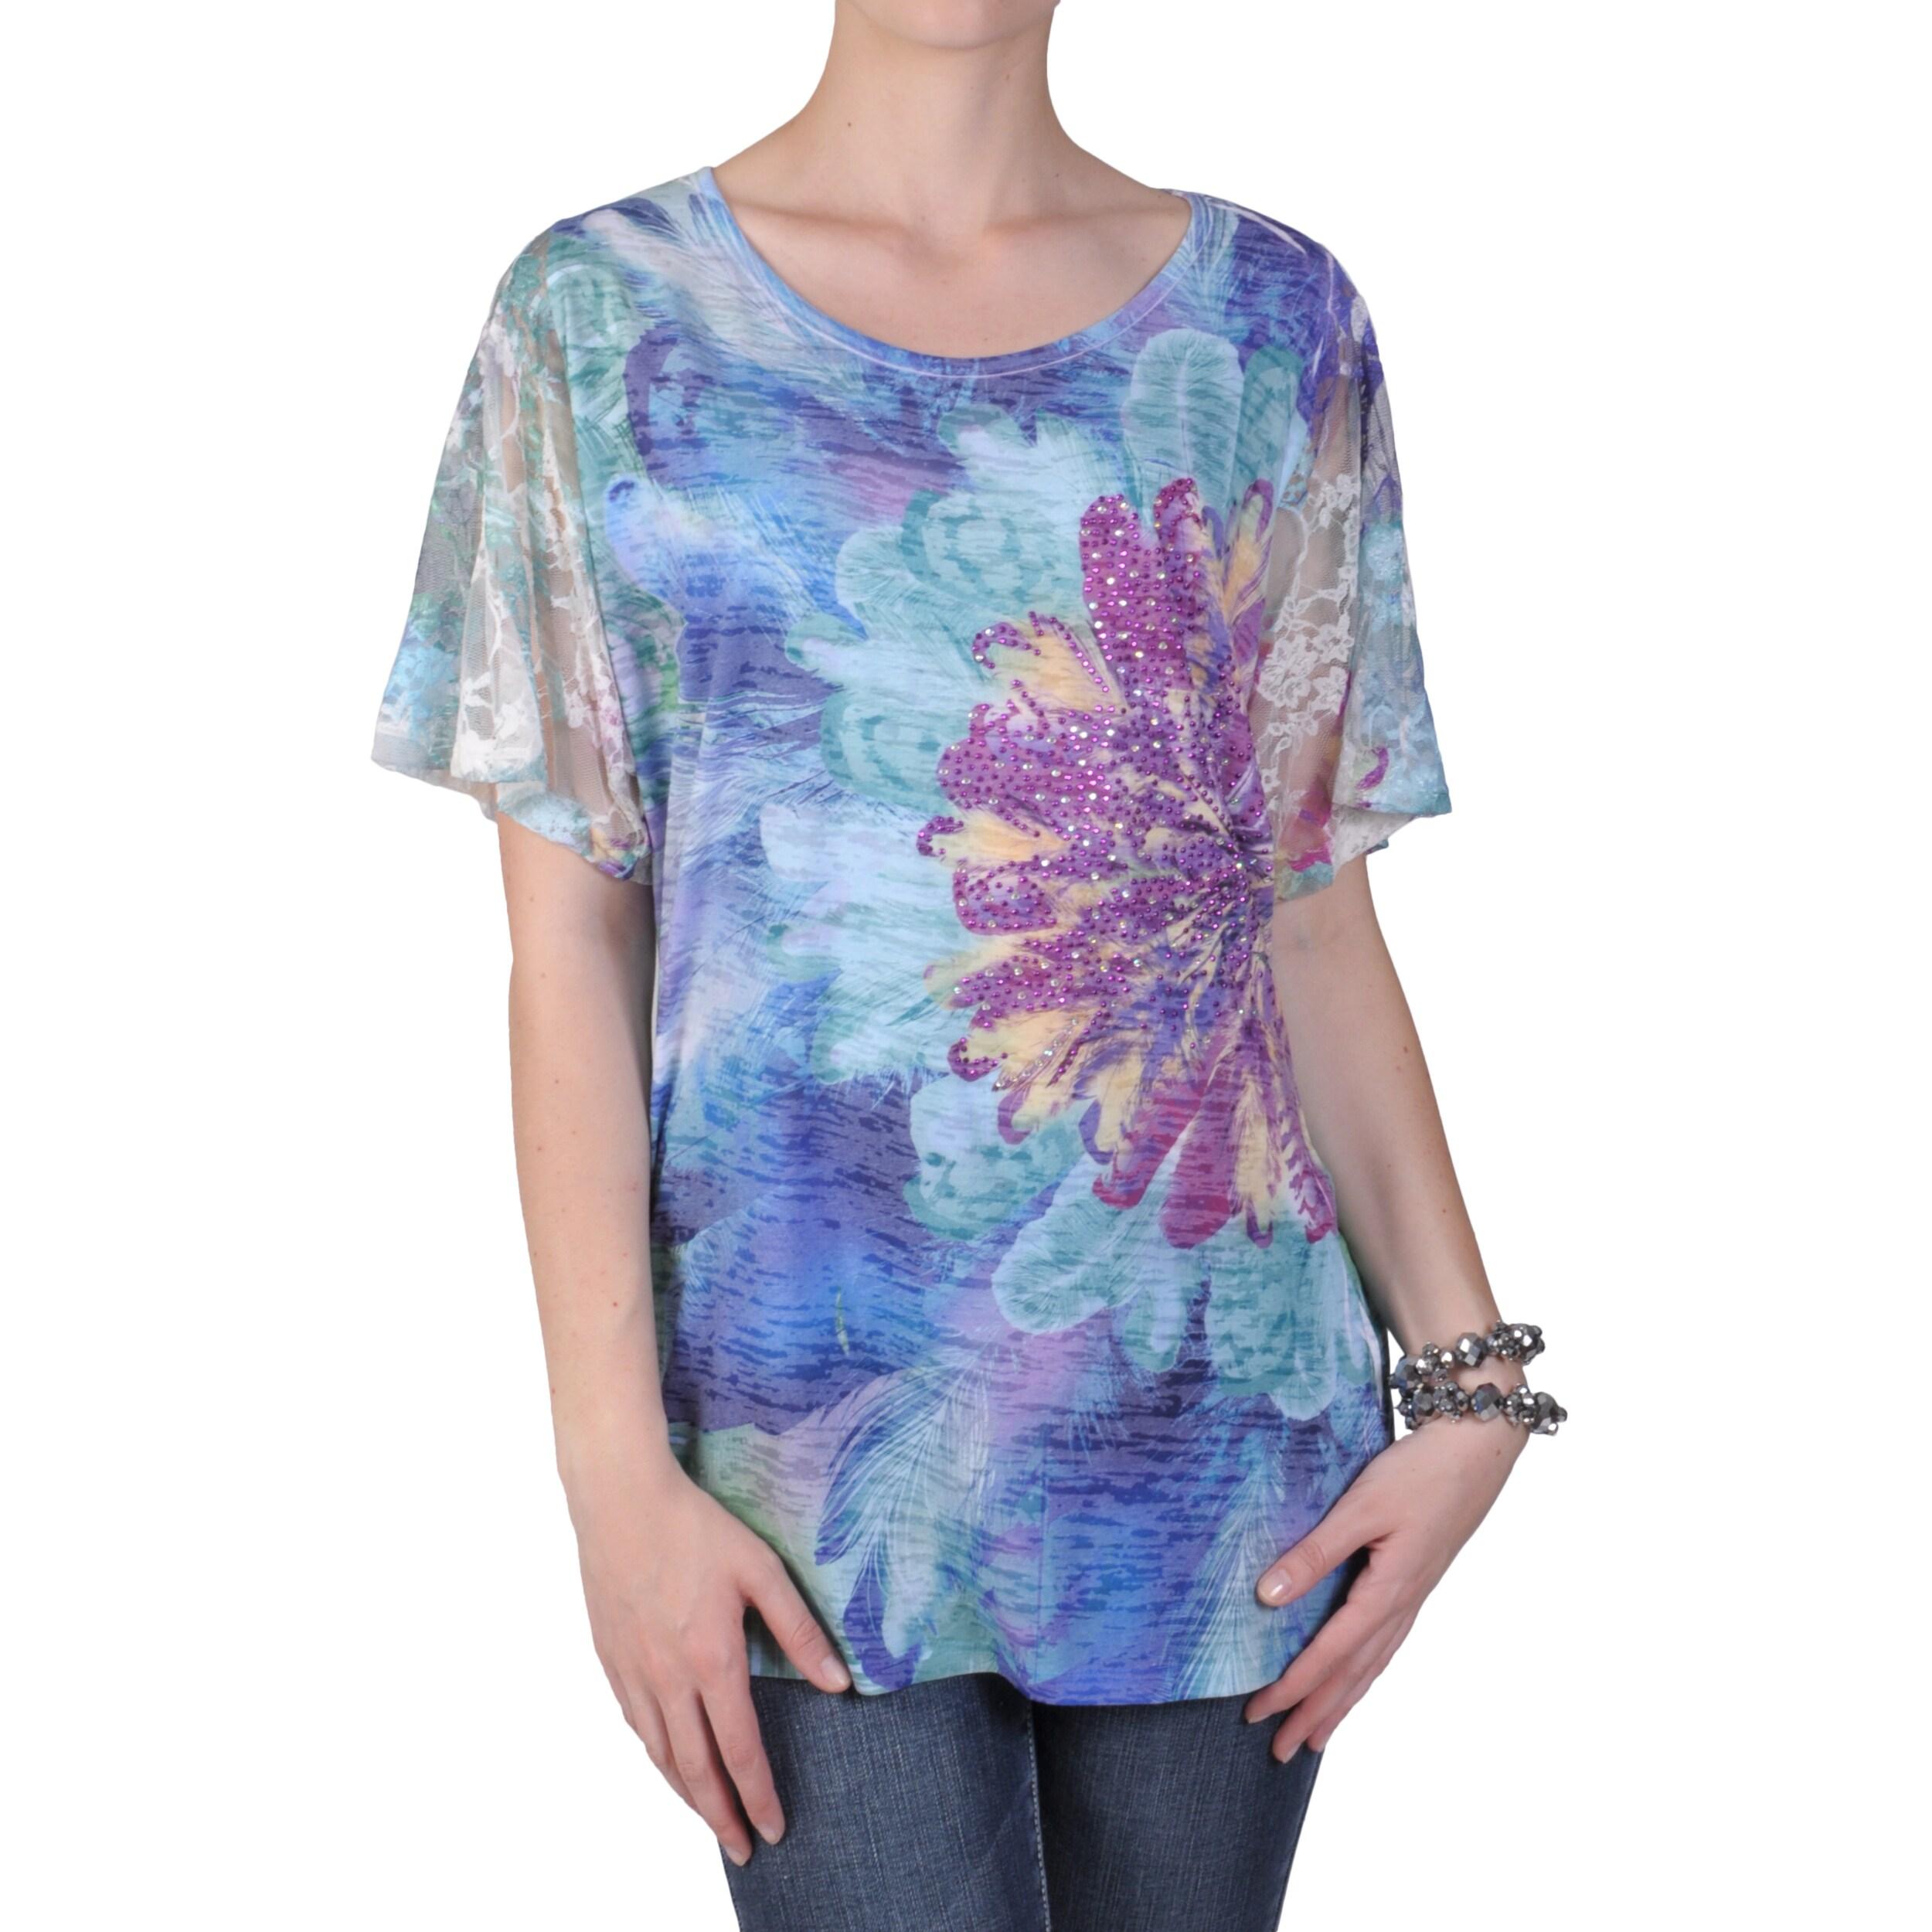 Tressa Designs Women's Lace Sublimation Print Tee